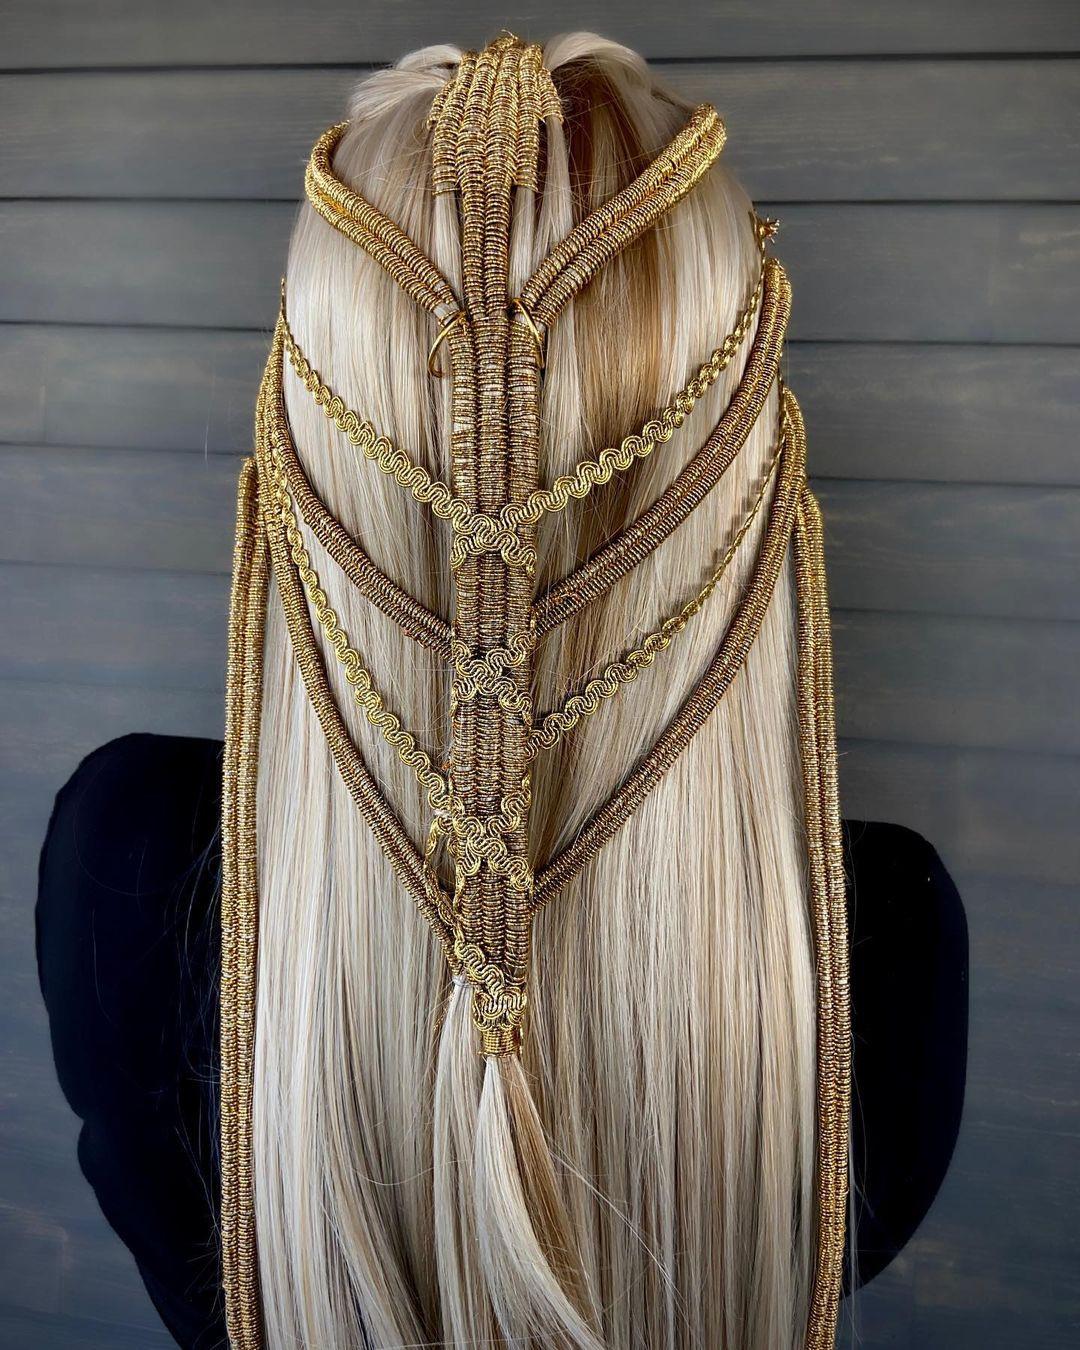 Длинные косы как произведения искусства